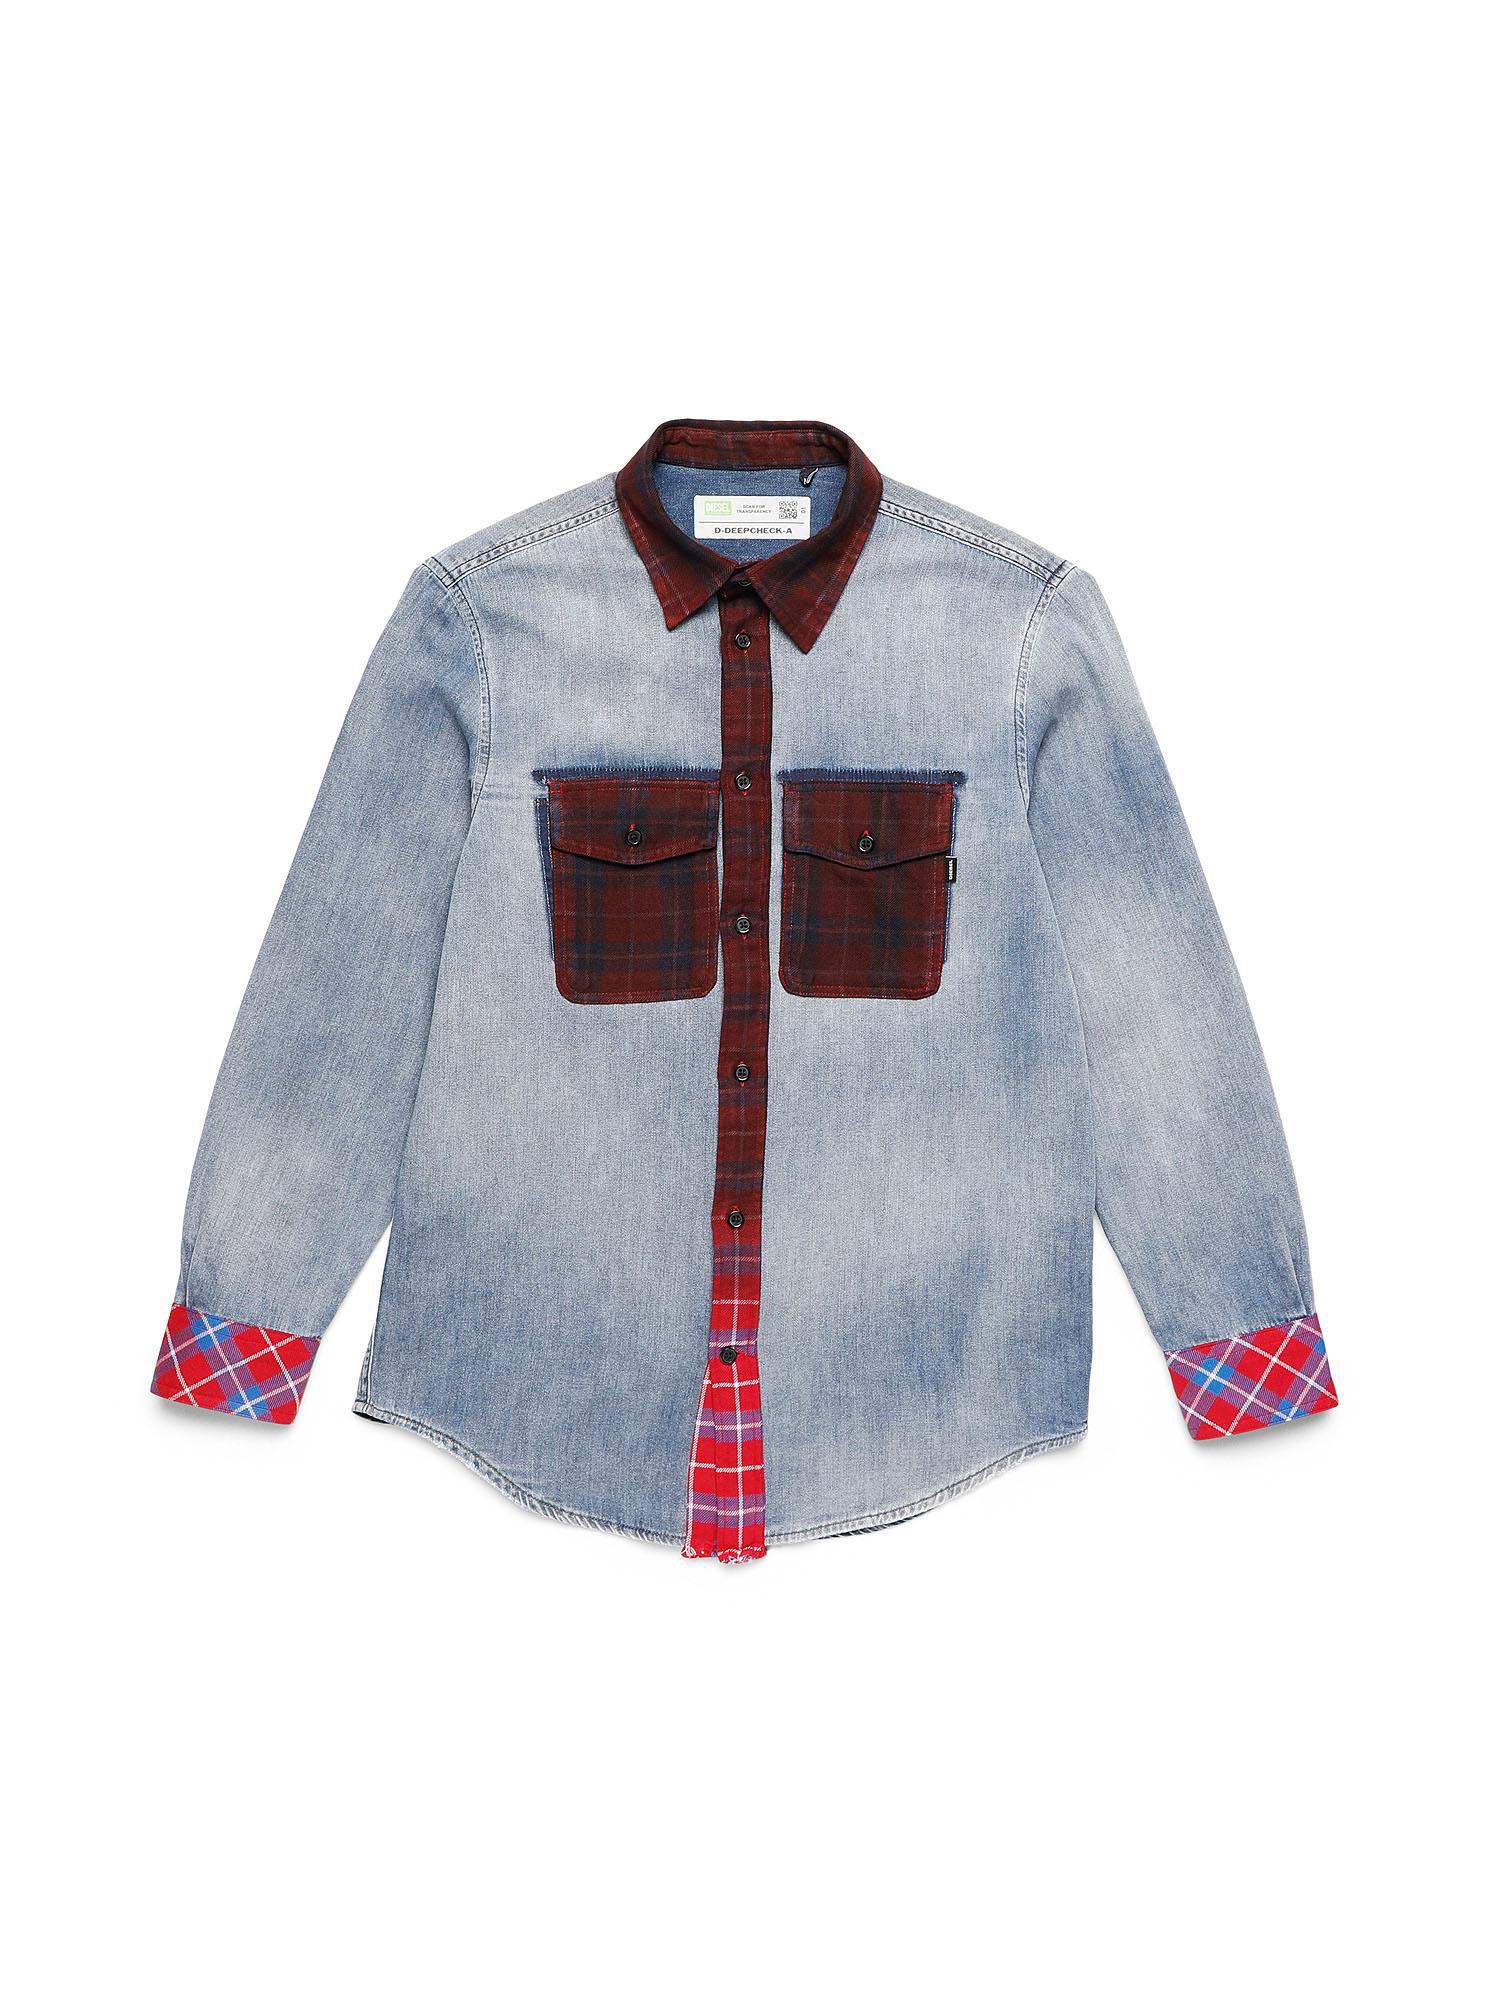 Diesel Denim Shirts 0DBAT - Blue - L